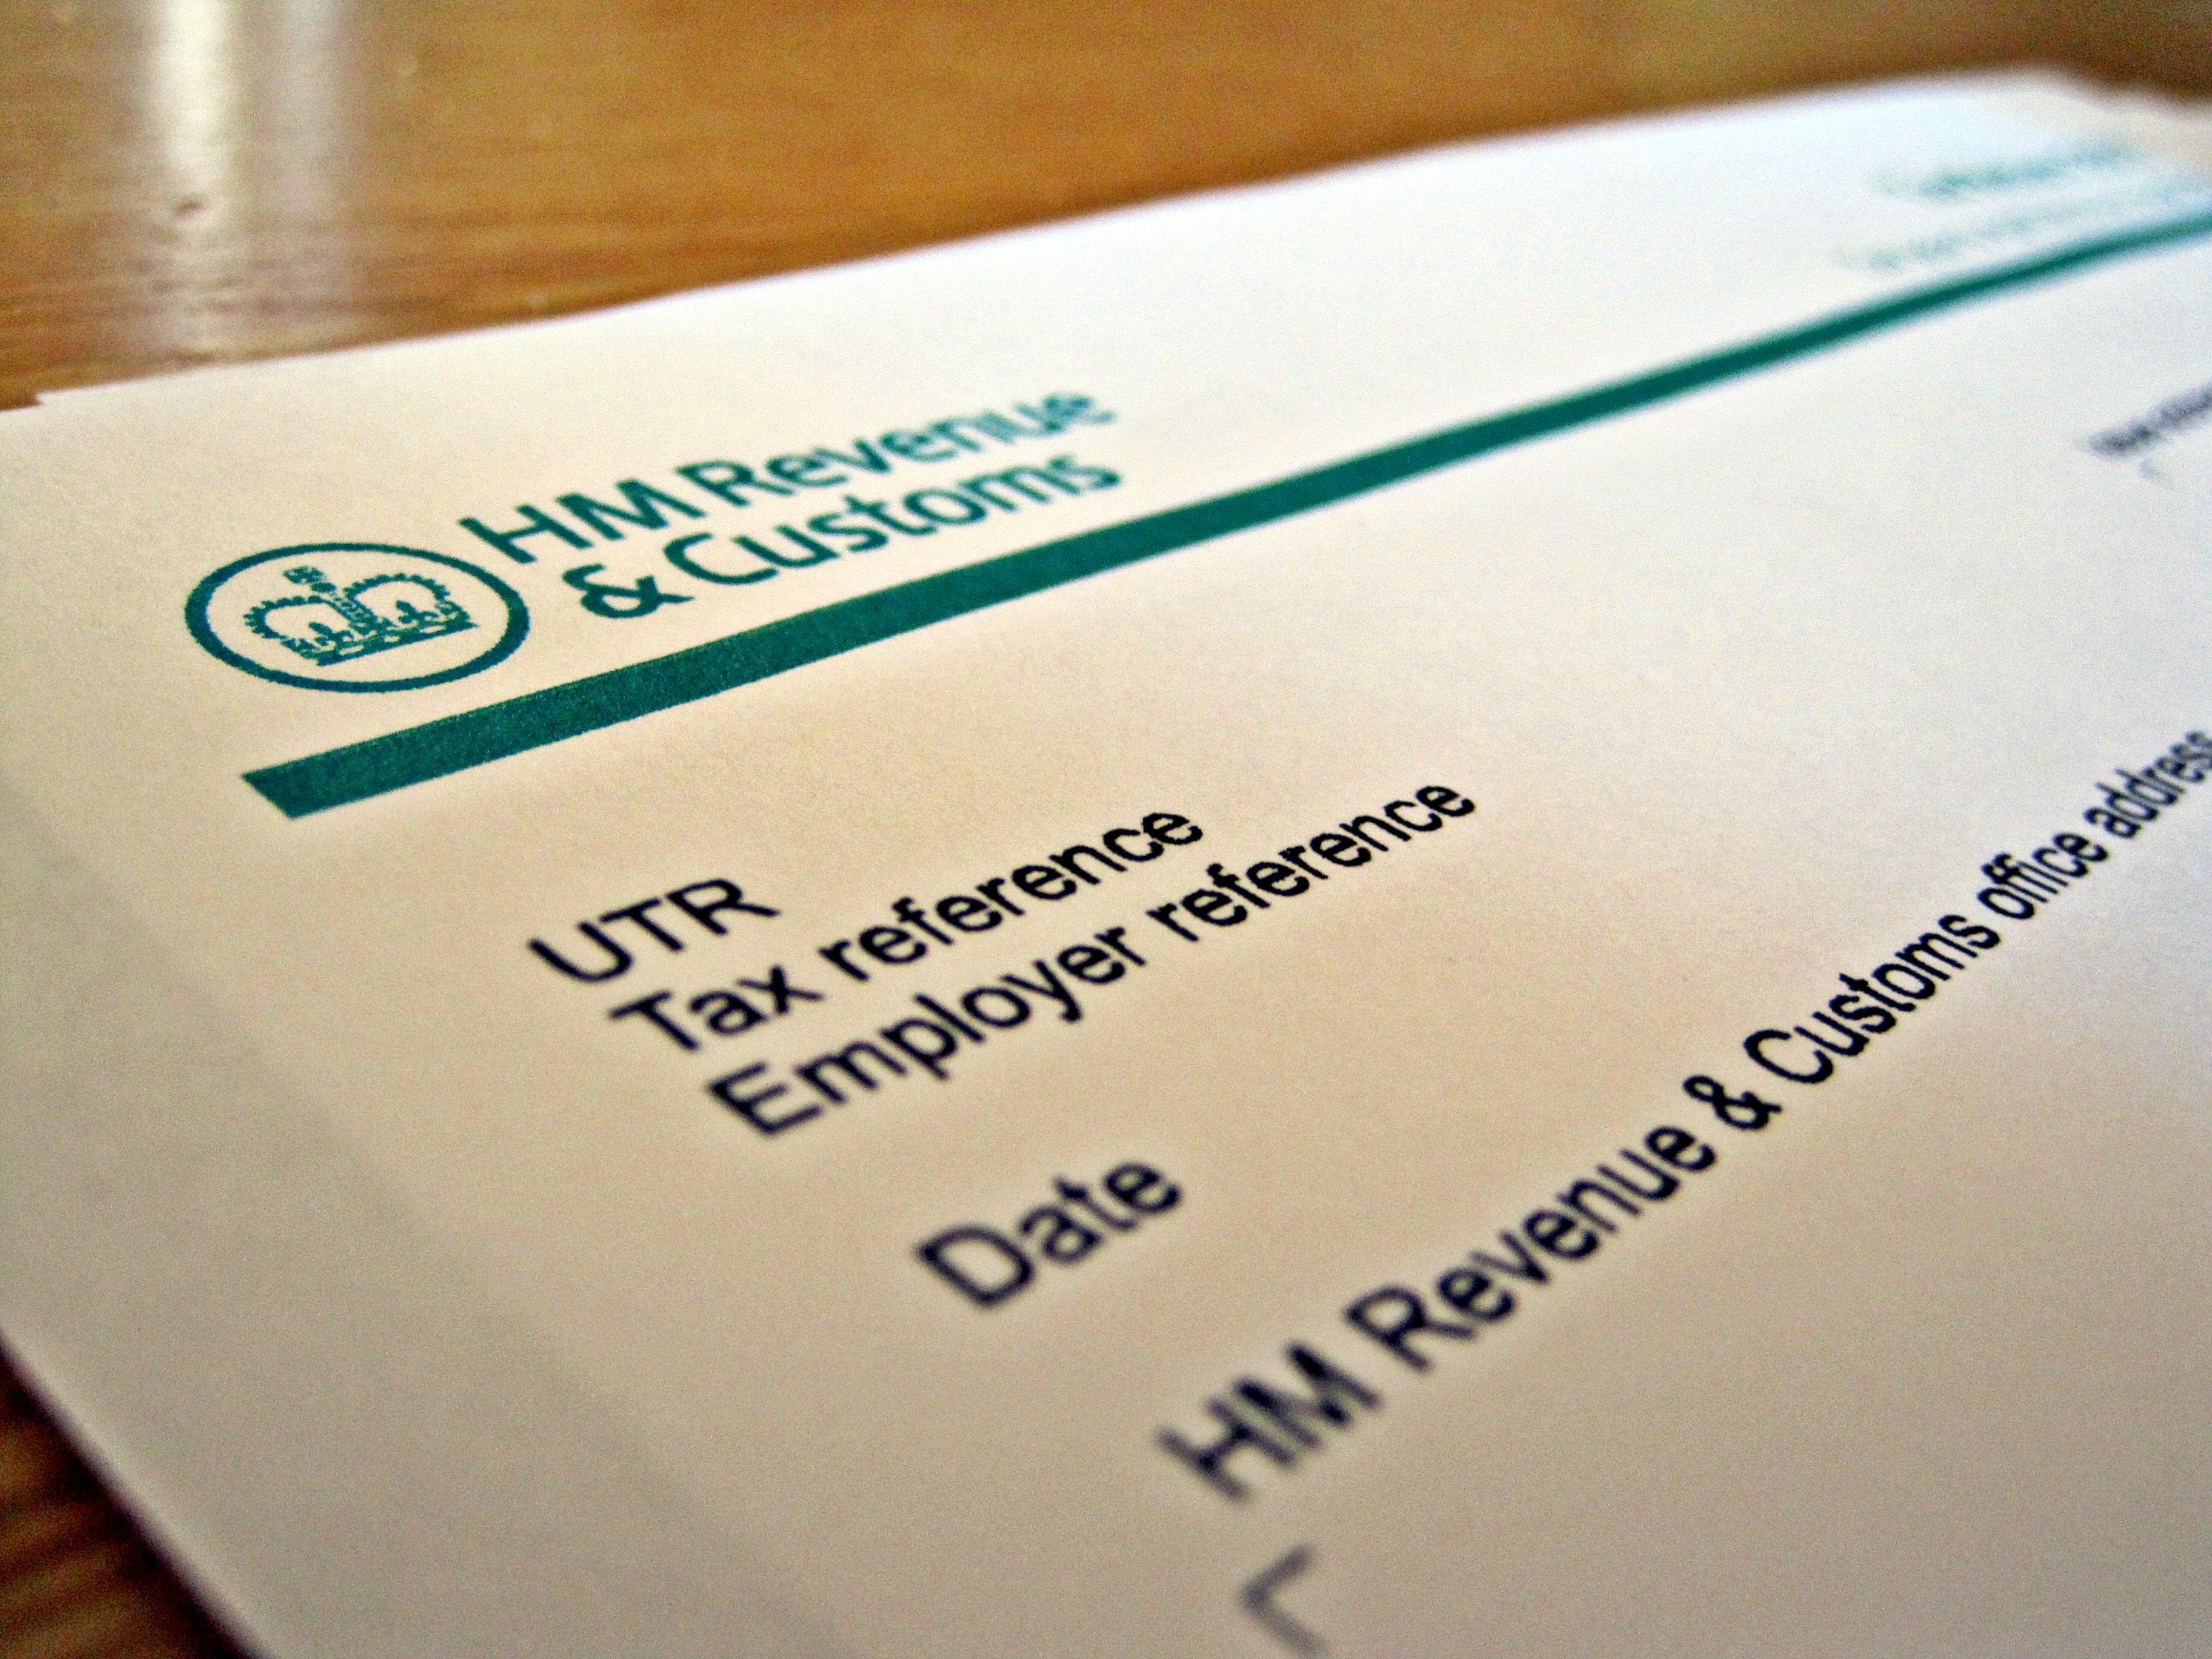 HMRC Self Assessment Tax Return